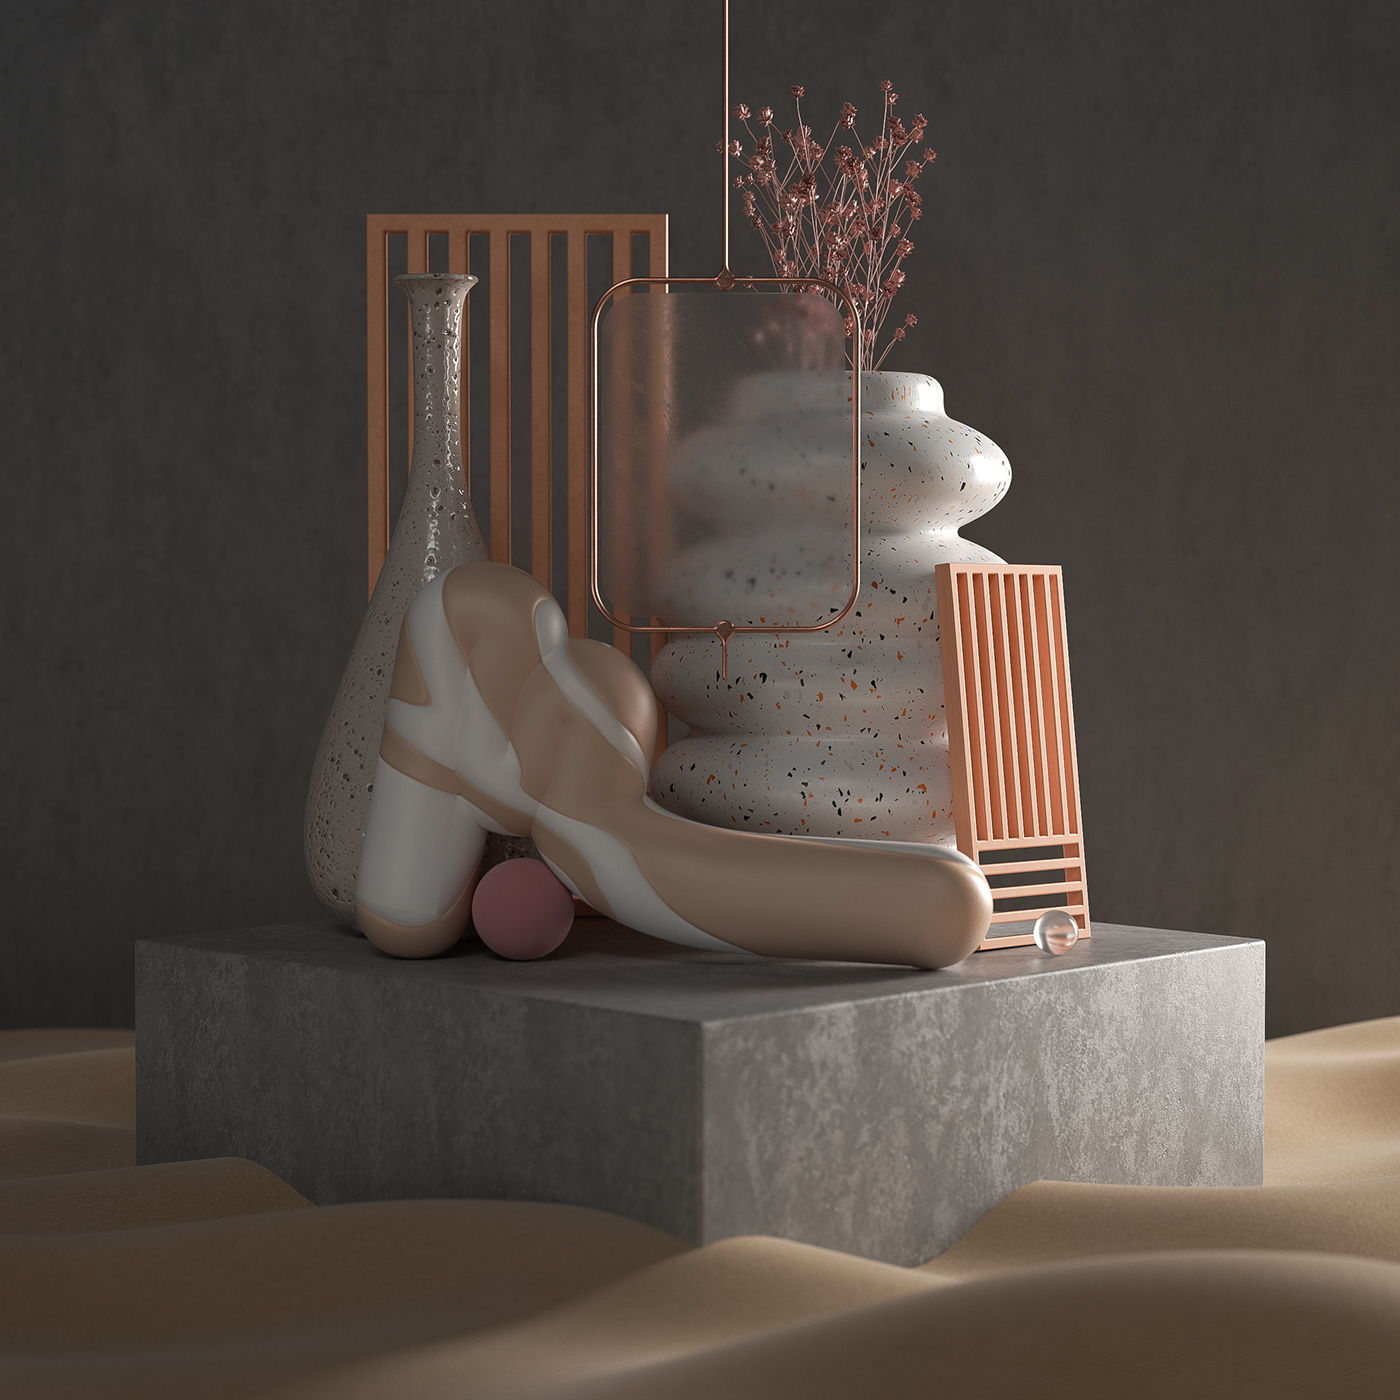 3D 4d architecture CGI geometric ILLUSTRATION  octane Render shapes texture